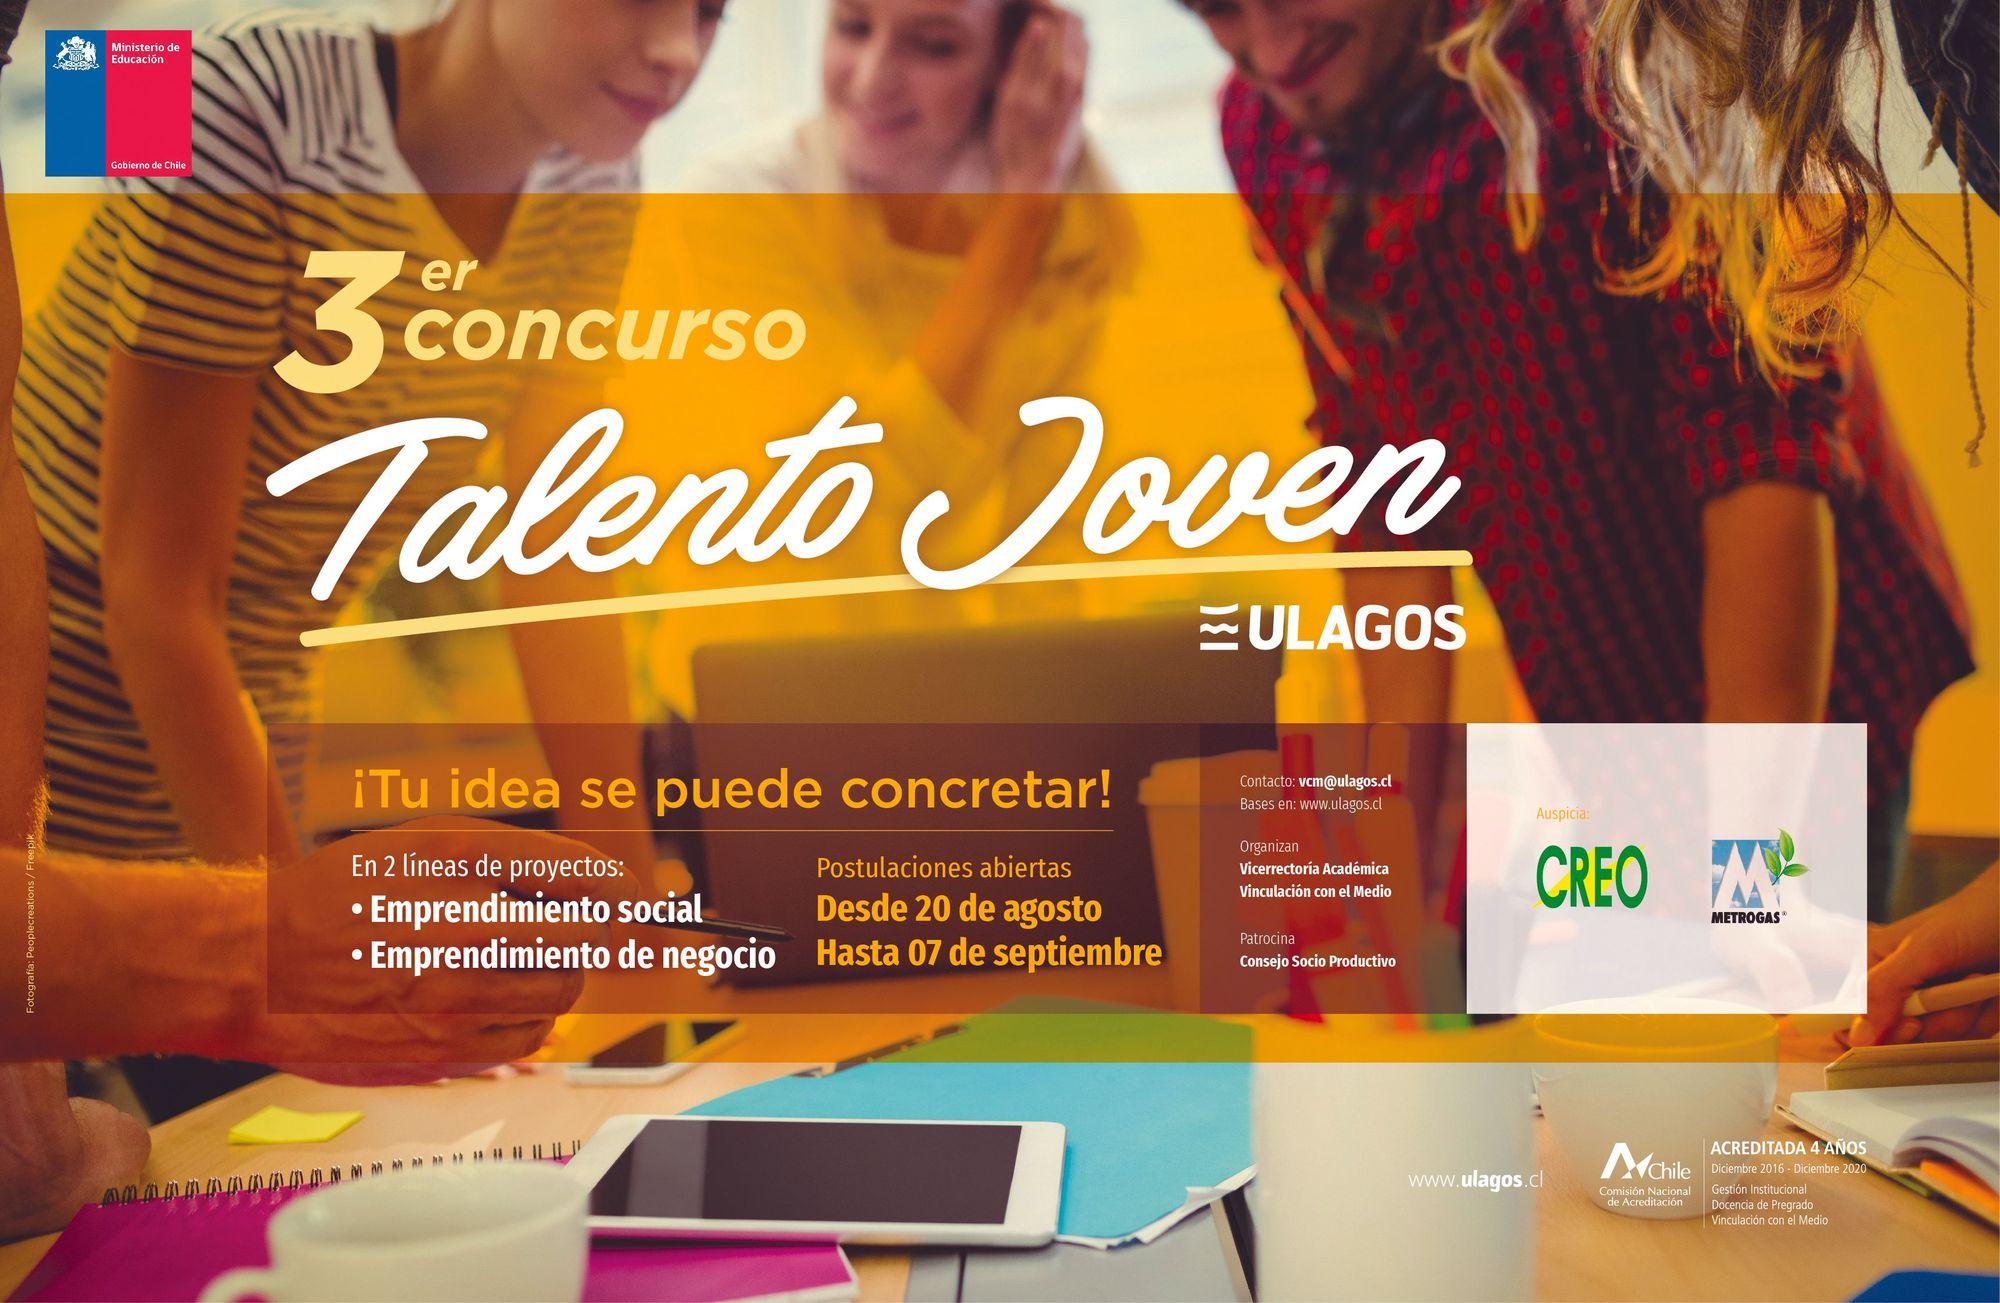 Concurso Talento Joven, Universidad de los Lagos, Chile, 2018.